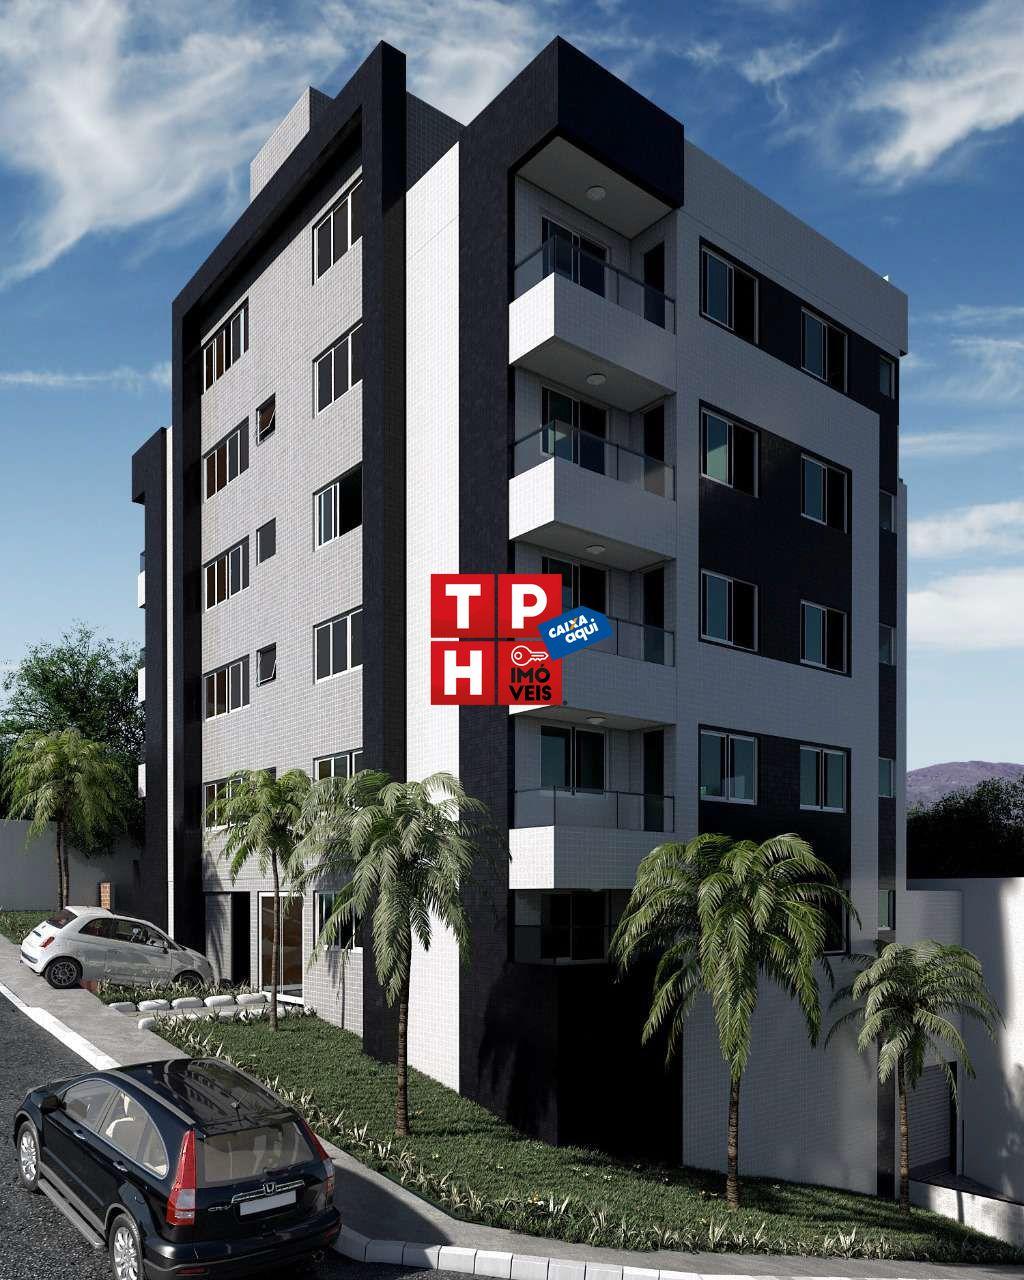 Apartamento à venda  no Santa Helena,(Barreiro) - Belo Horizonte, MG. Imóveis